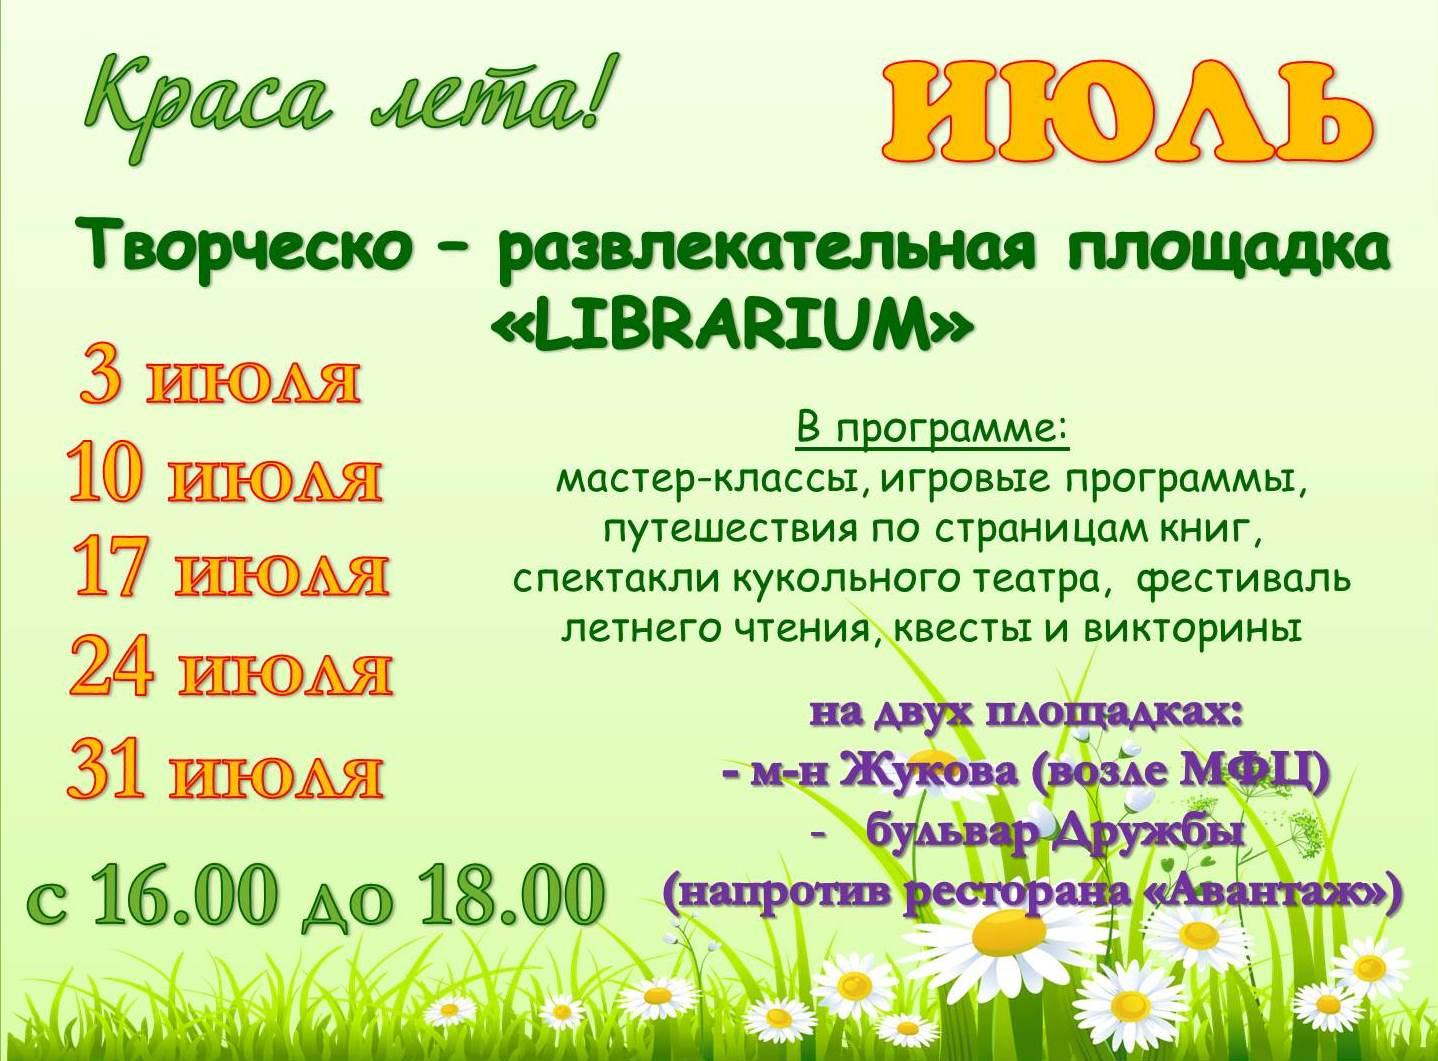 Творческо-развлекательная программа LIBRARIUM